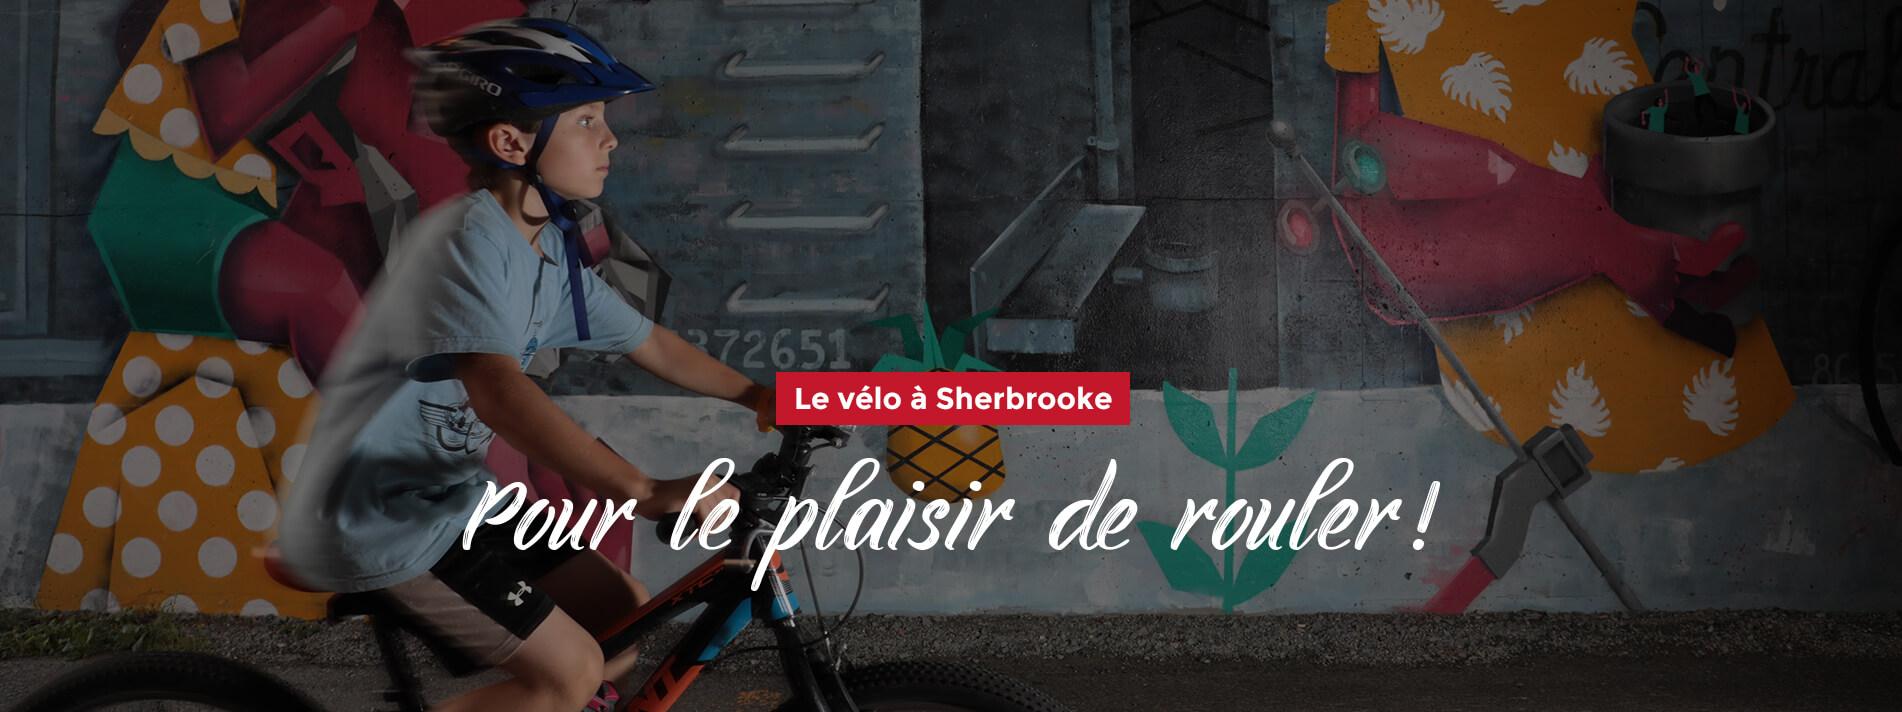 Le vélo à Sherbrooke - Pour le plaisir de rouler!